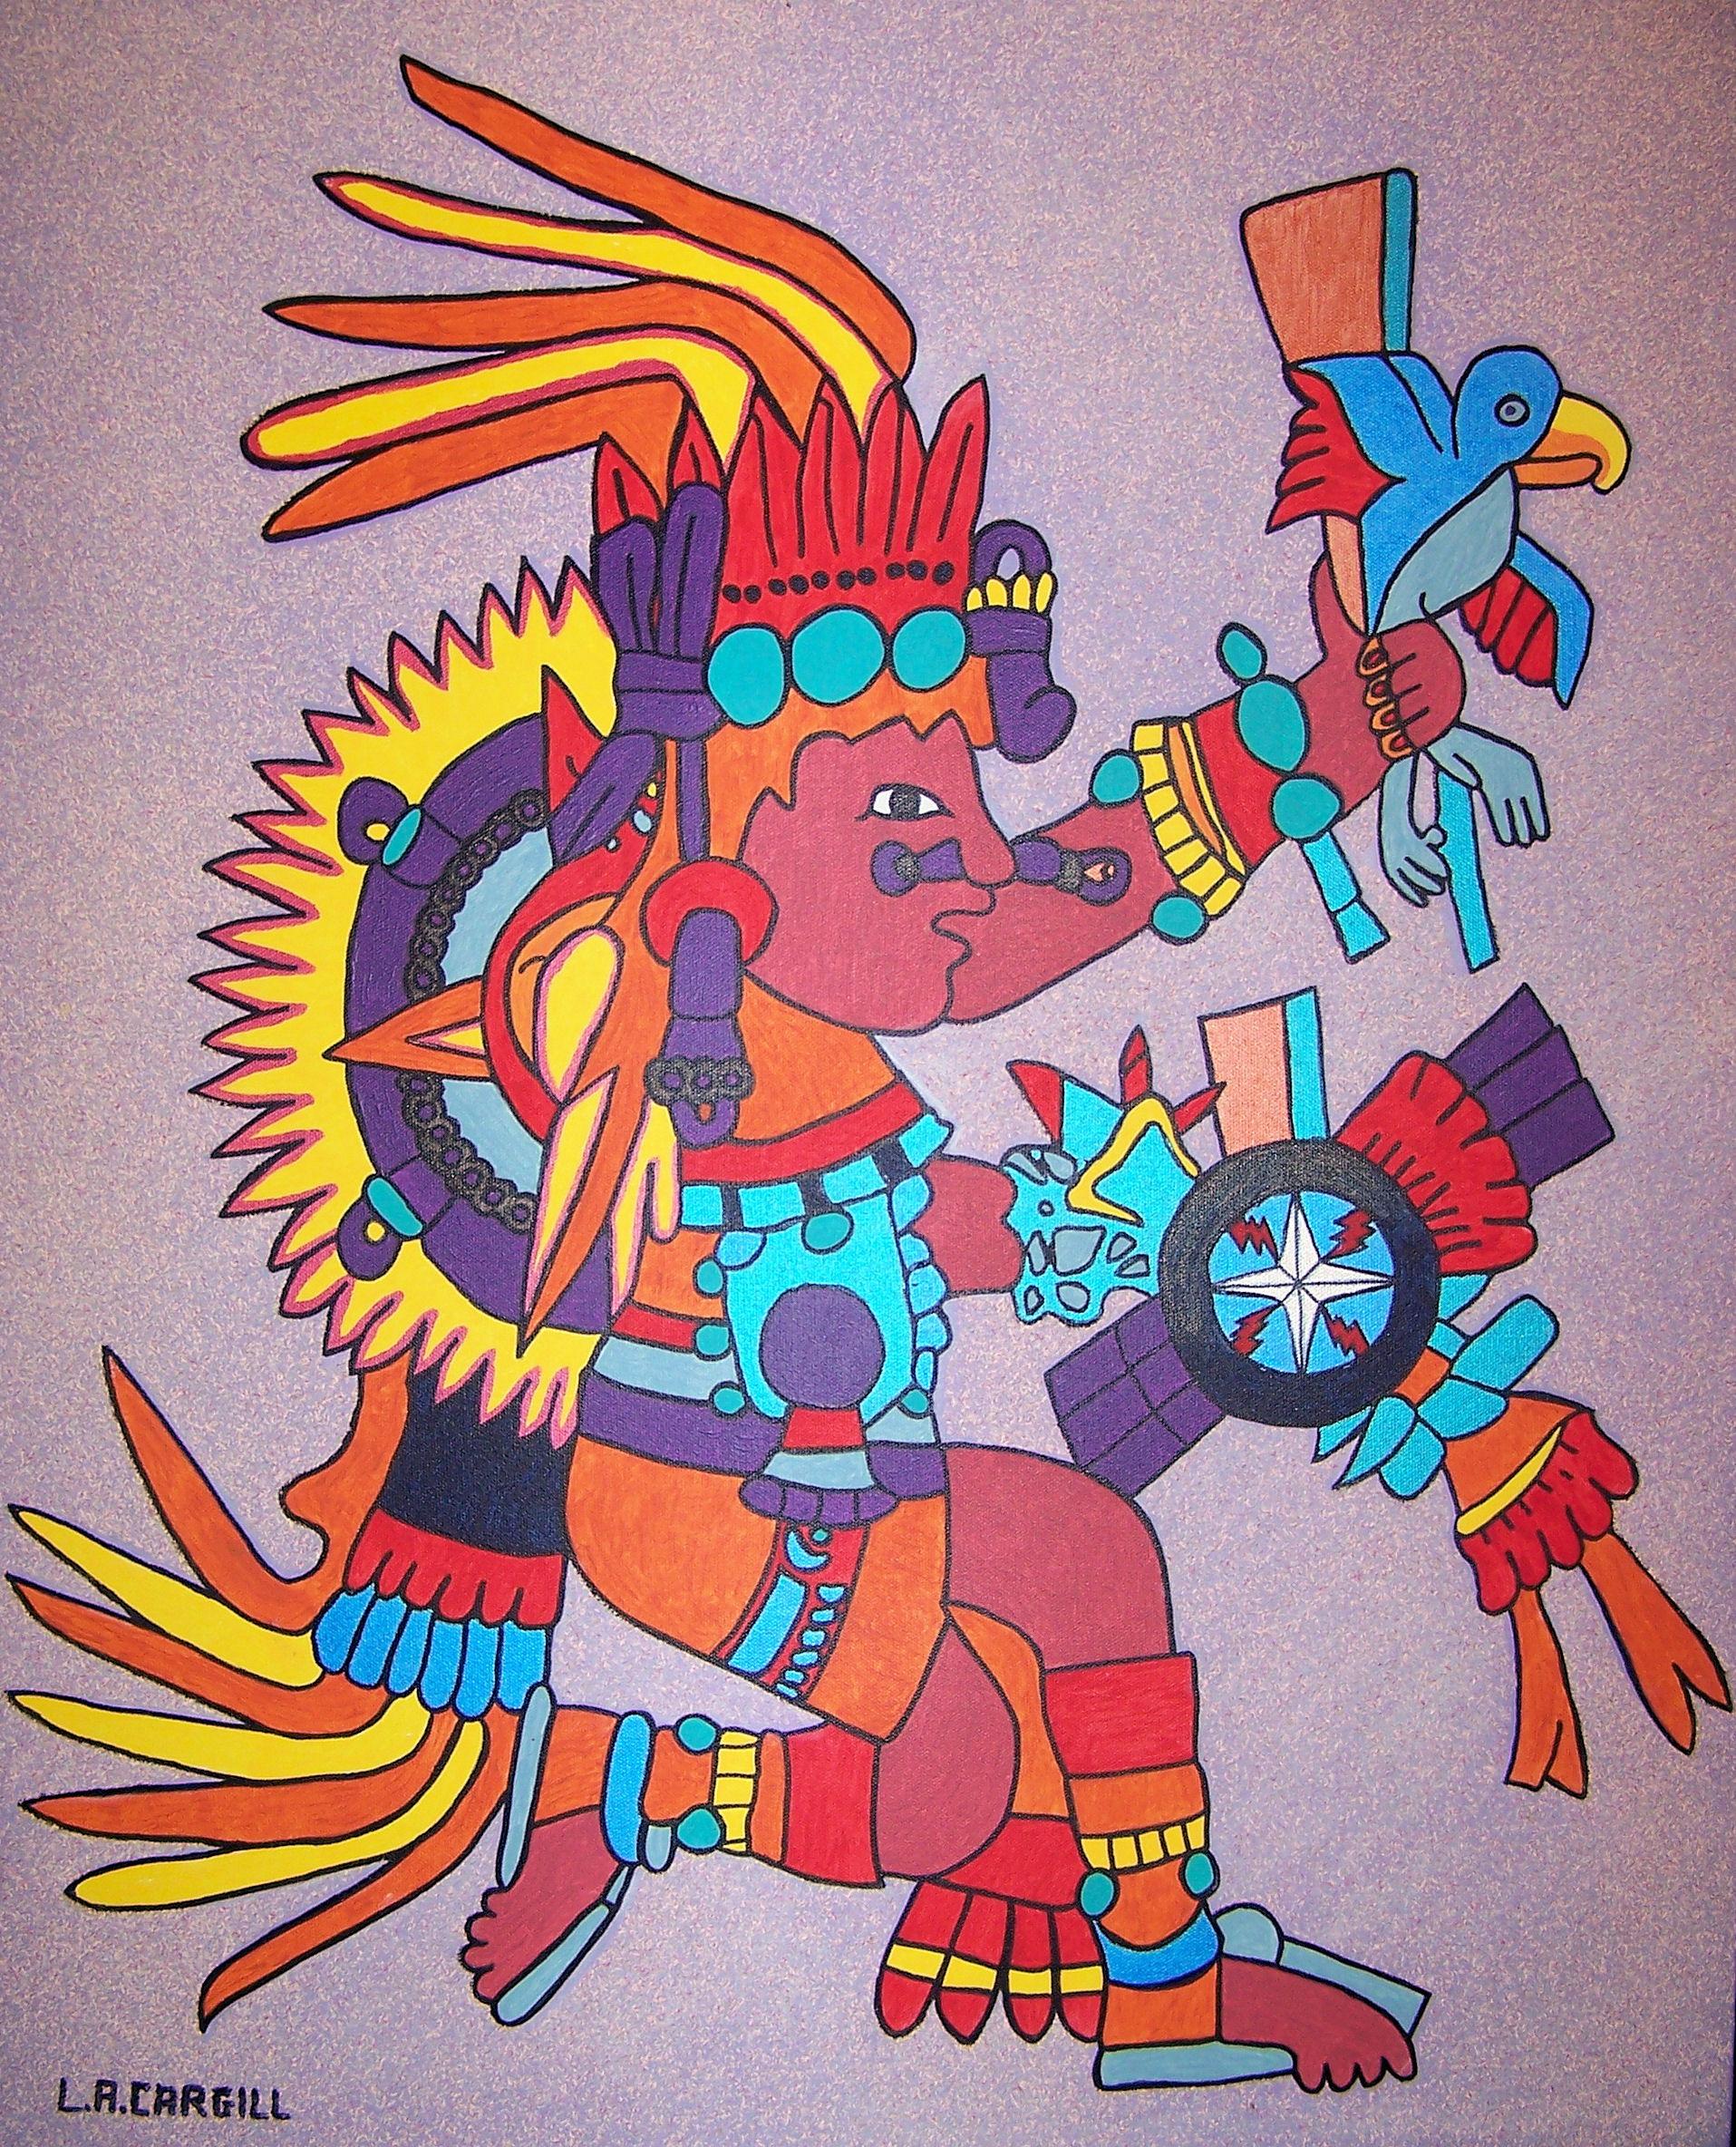 Gambar Lukisan Seni Sketsa Ilustrasi Gambar Kartun Inca Buku